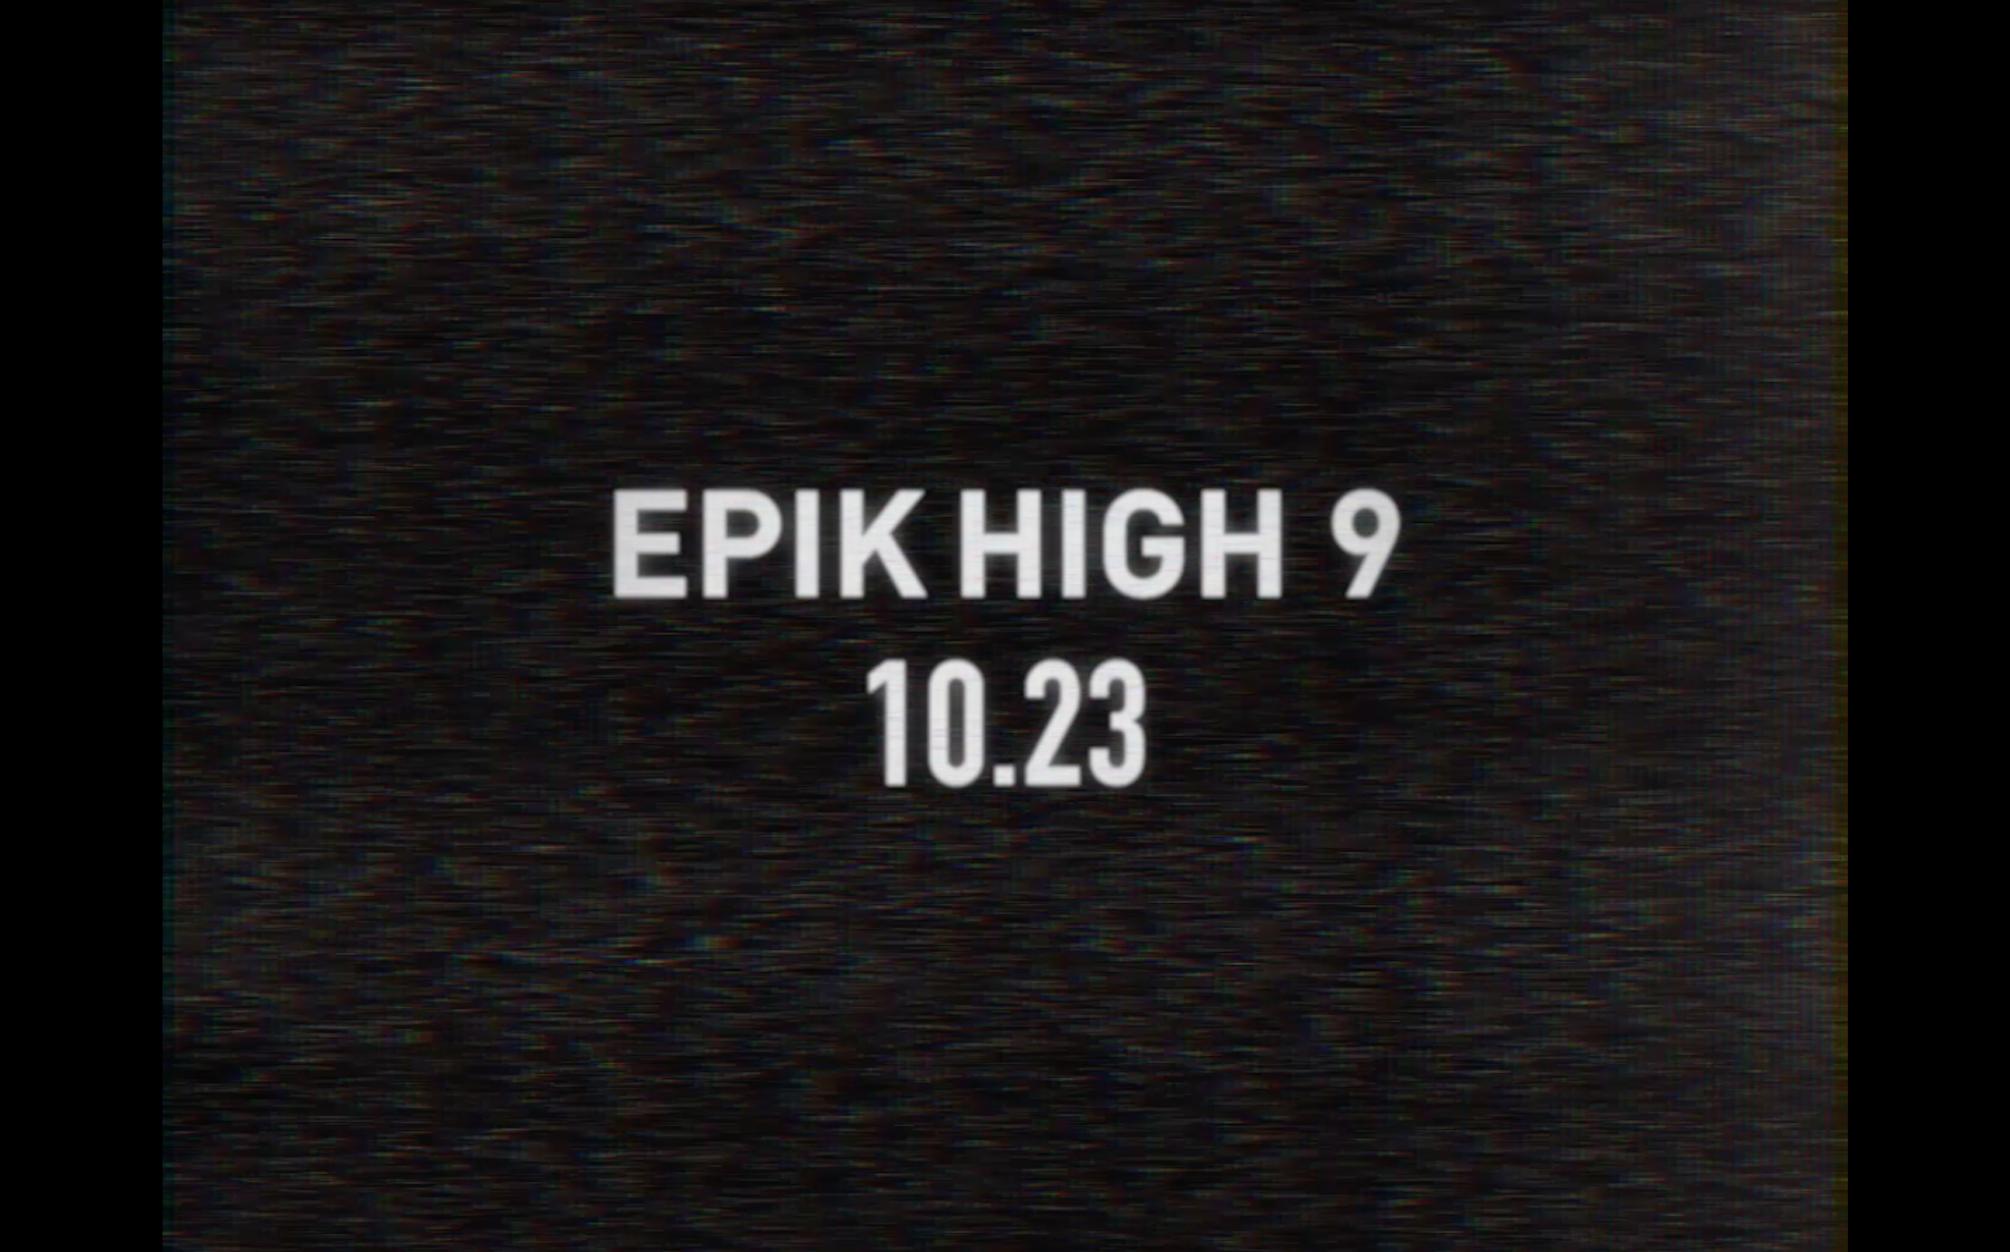 EPIK HIGH - COMEBACK FILM (BGM: Philip Glass - 'Etude no.2')